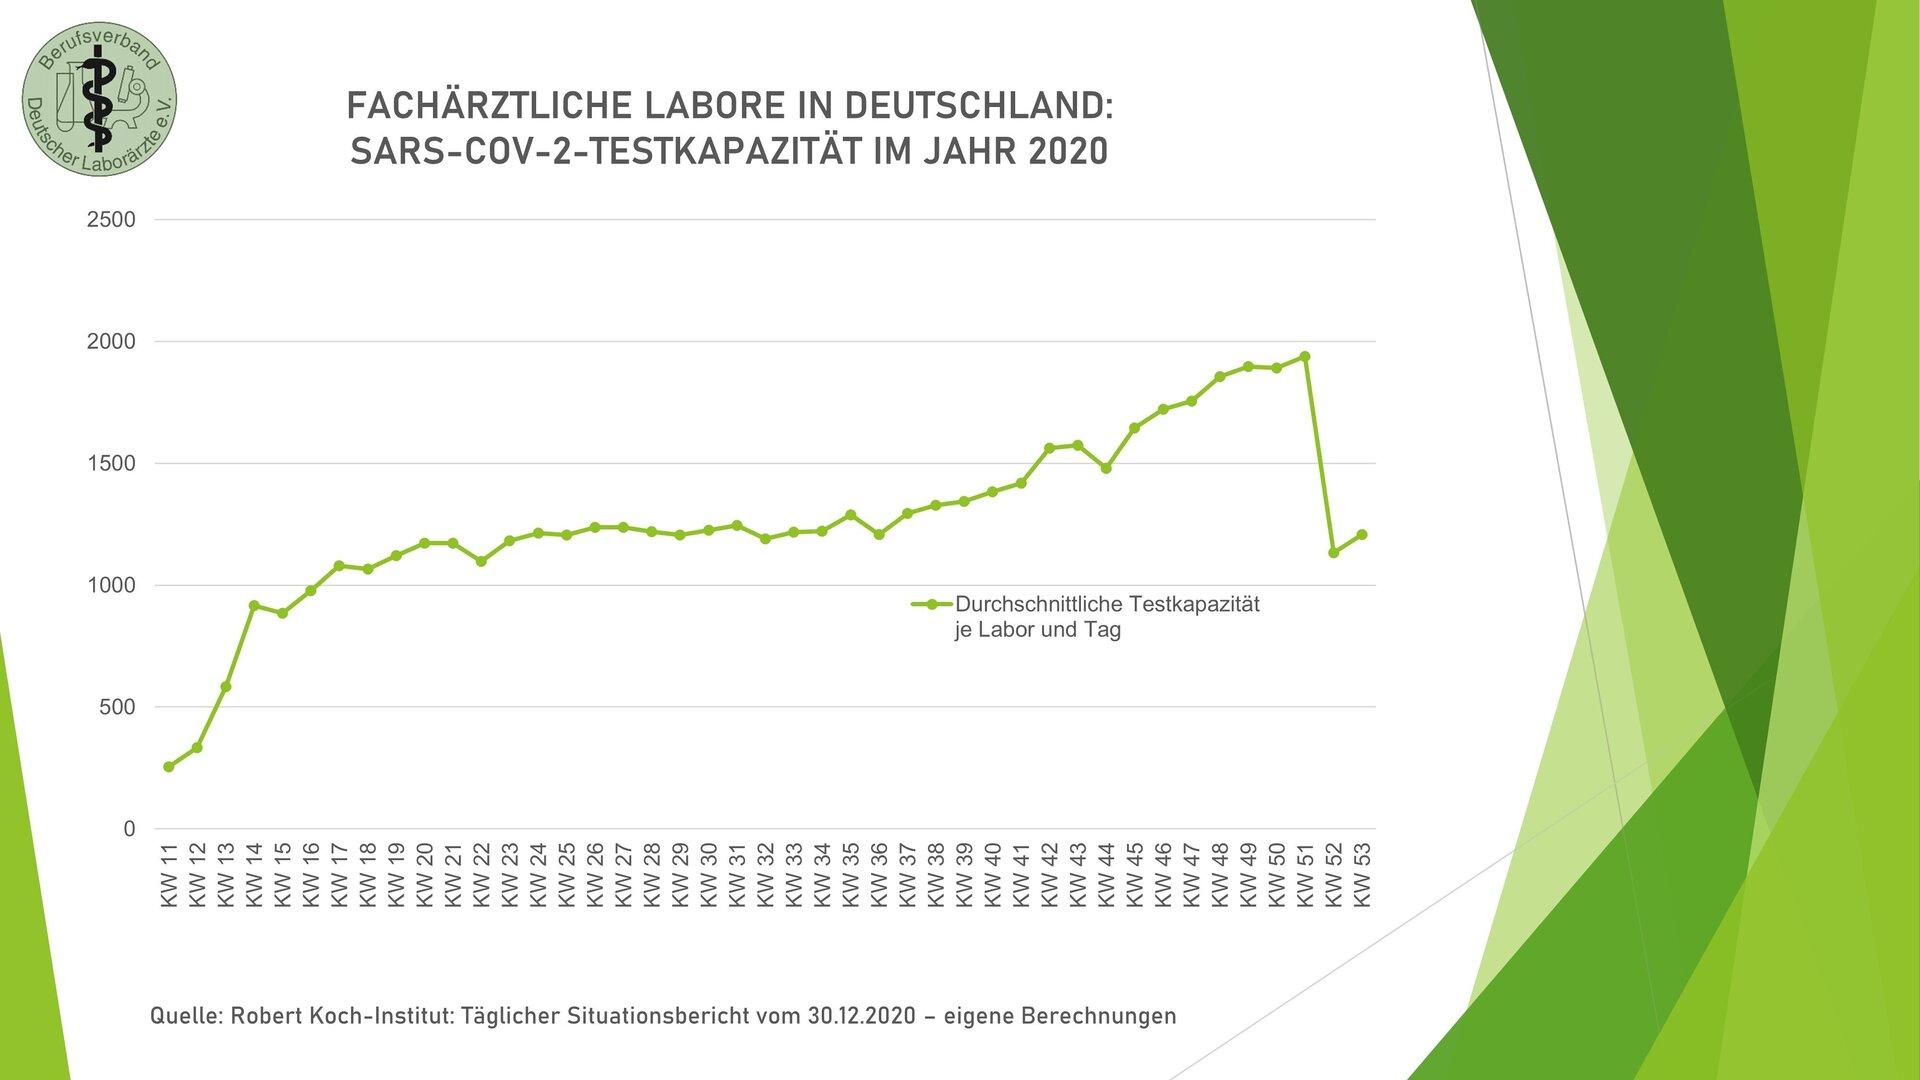 SARS-CoV-2: durchschnittl. Testkapazität/Labor 2020